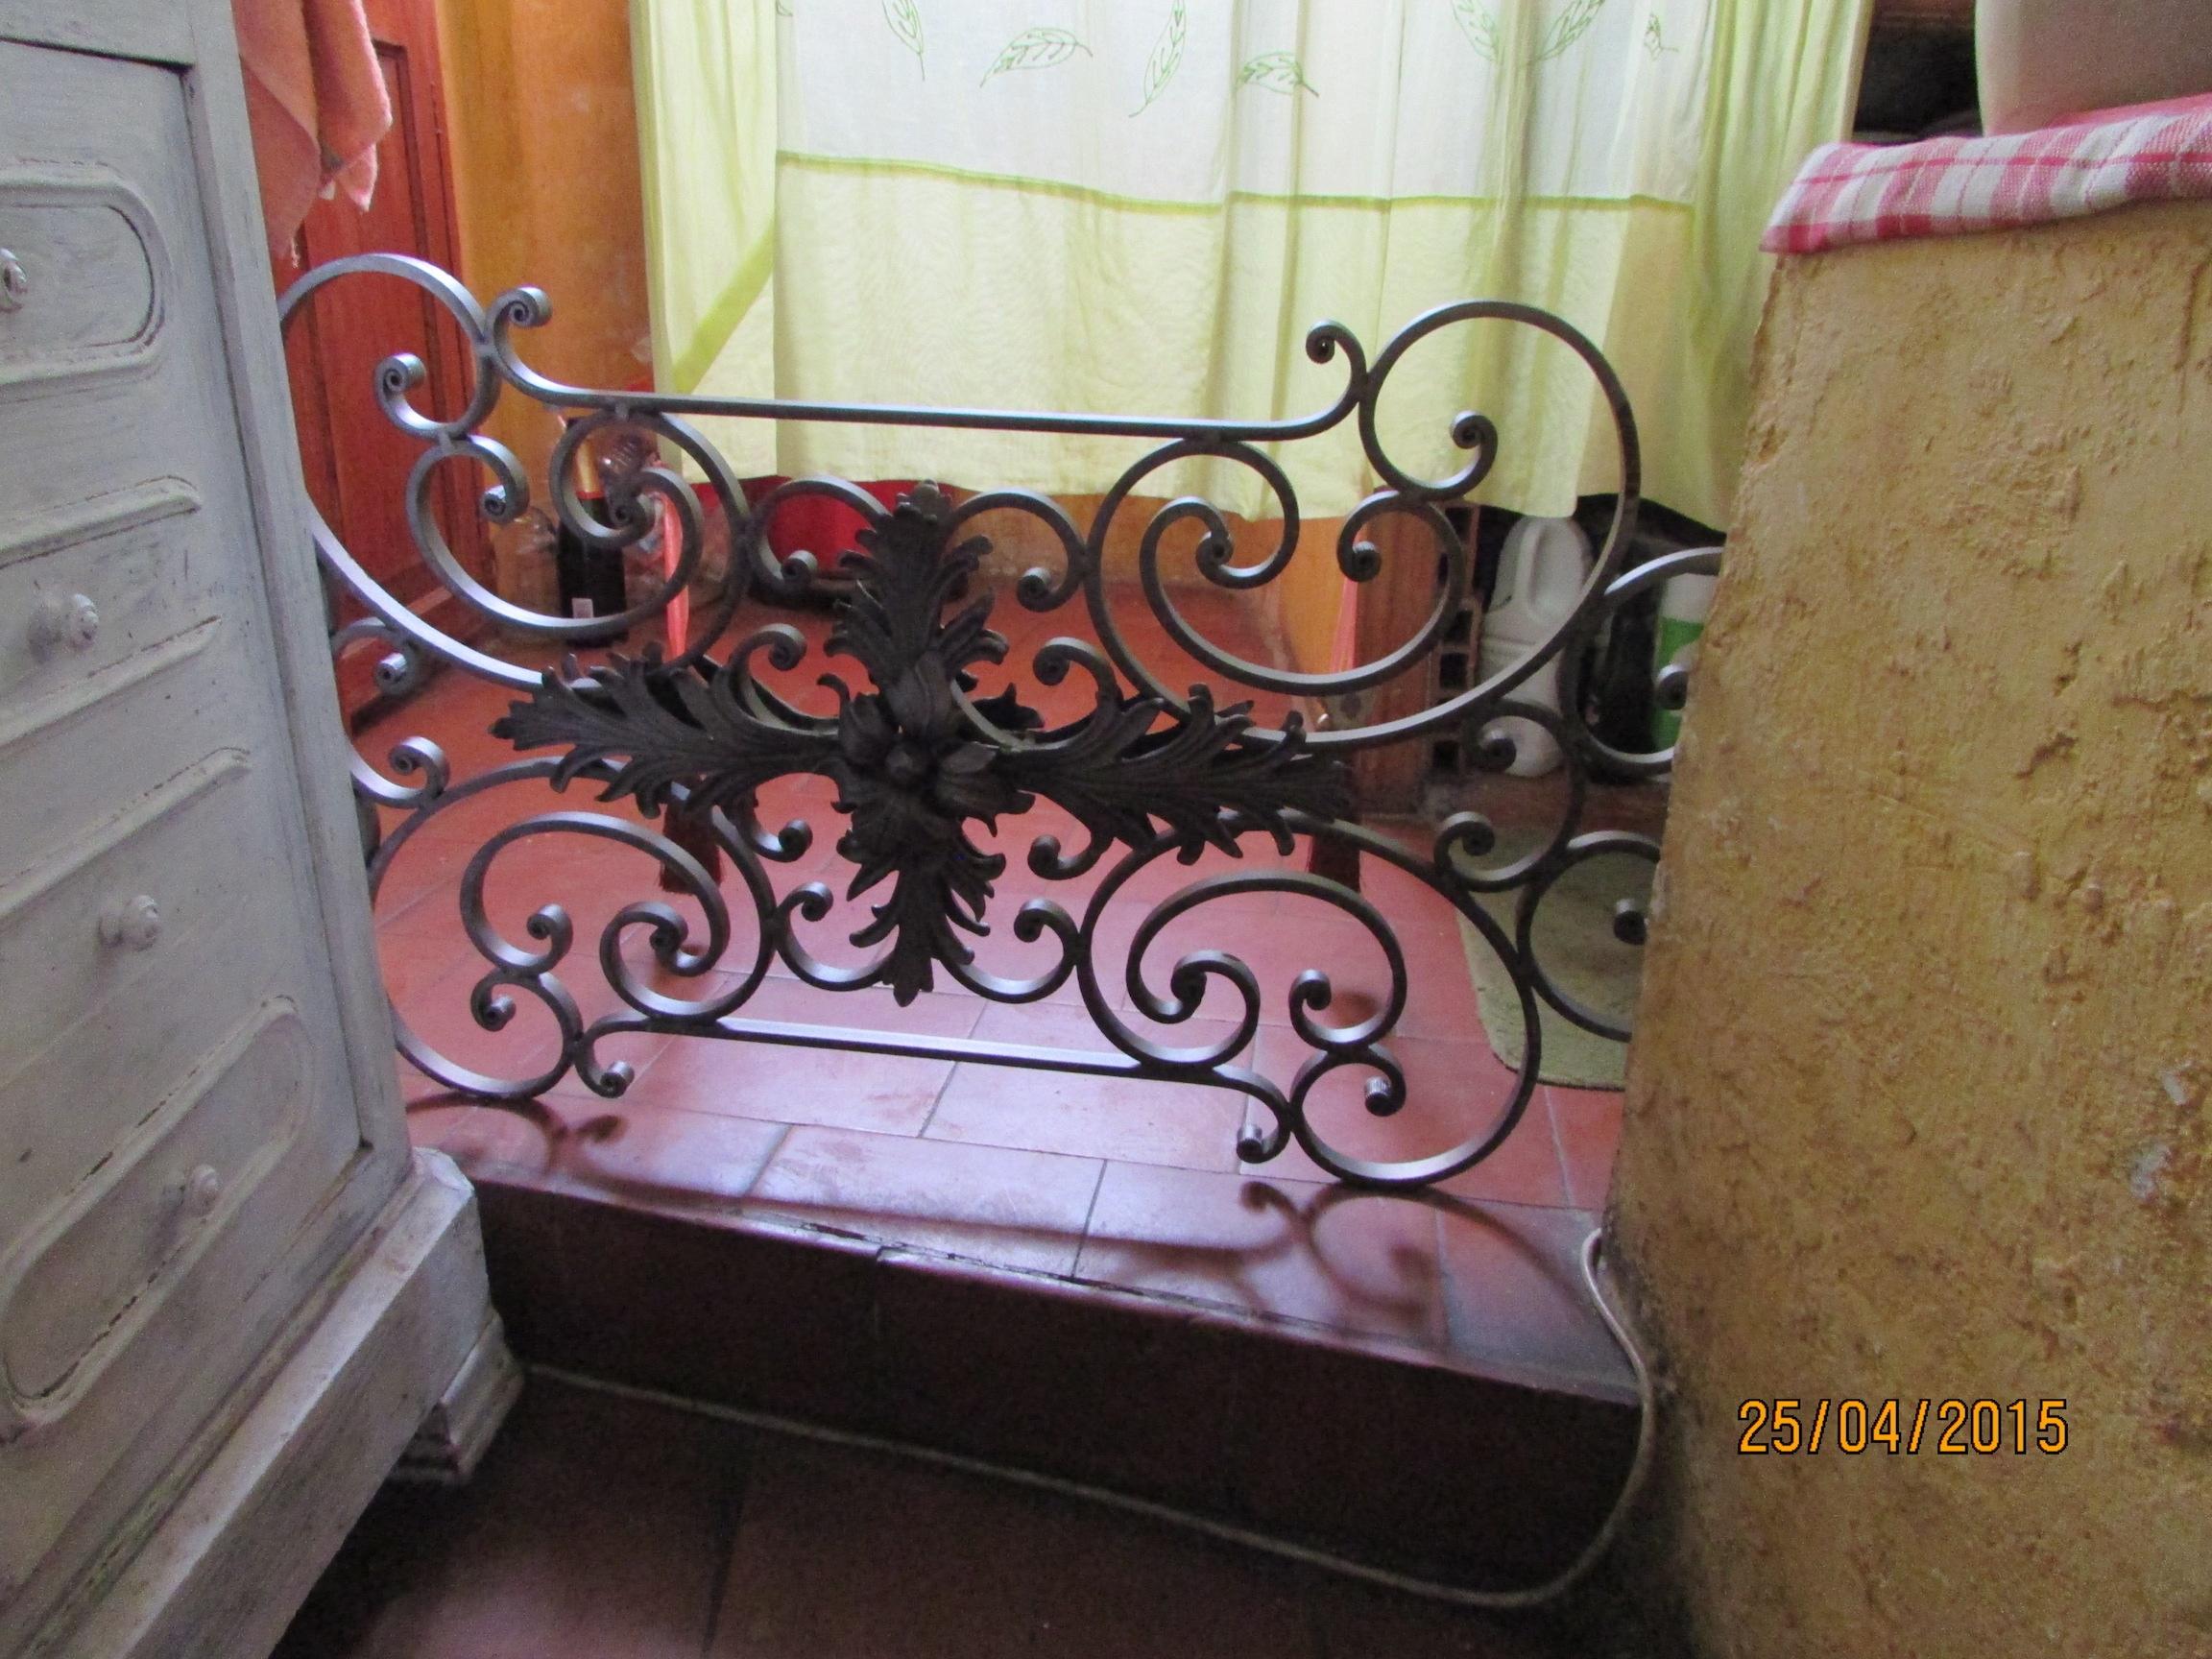 sparation en fer forg interieur rampe duescalier en fer forg with sparation en fer forg. Black Bedroom Furniture Sets. Home Design Ideas